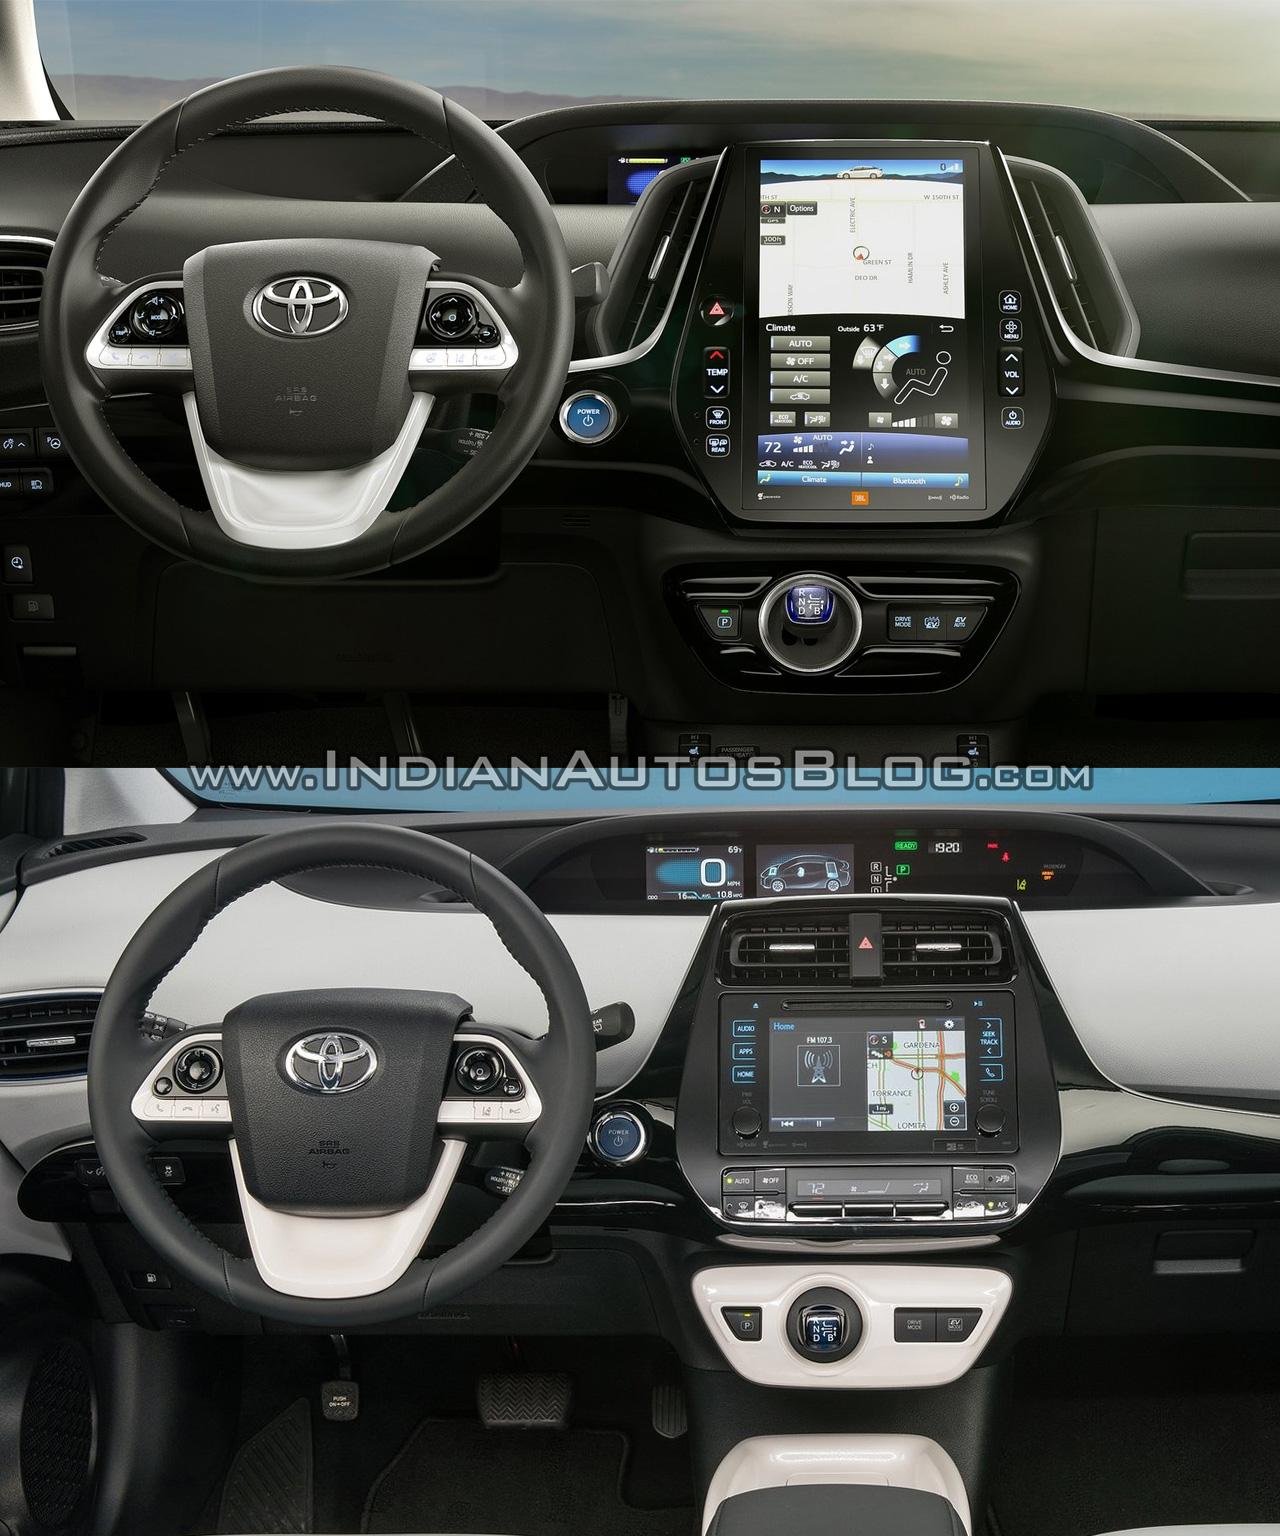 https://img.indianautosblog.com/2016/03/Toyota-Prius-Prime-interior-vs.-2016-Toyota-Prius-interior.jpg